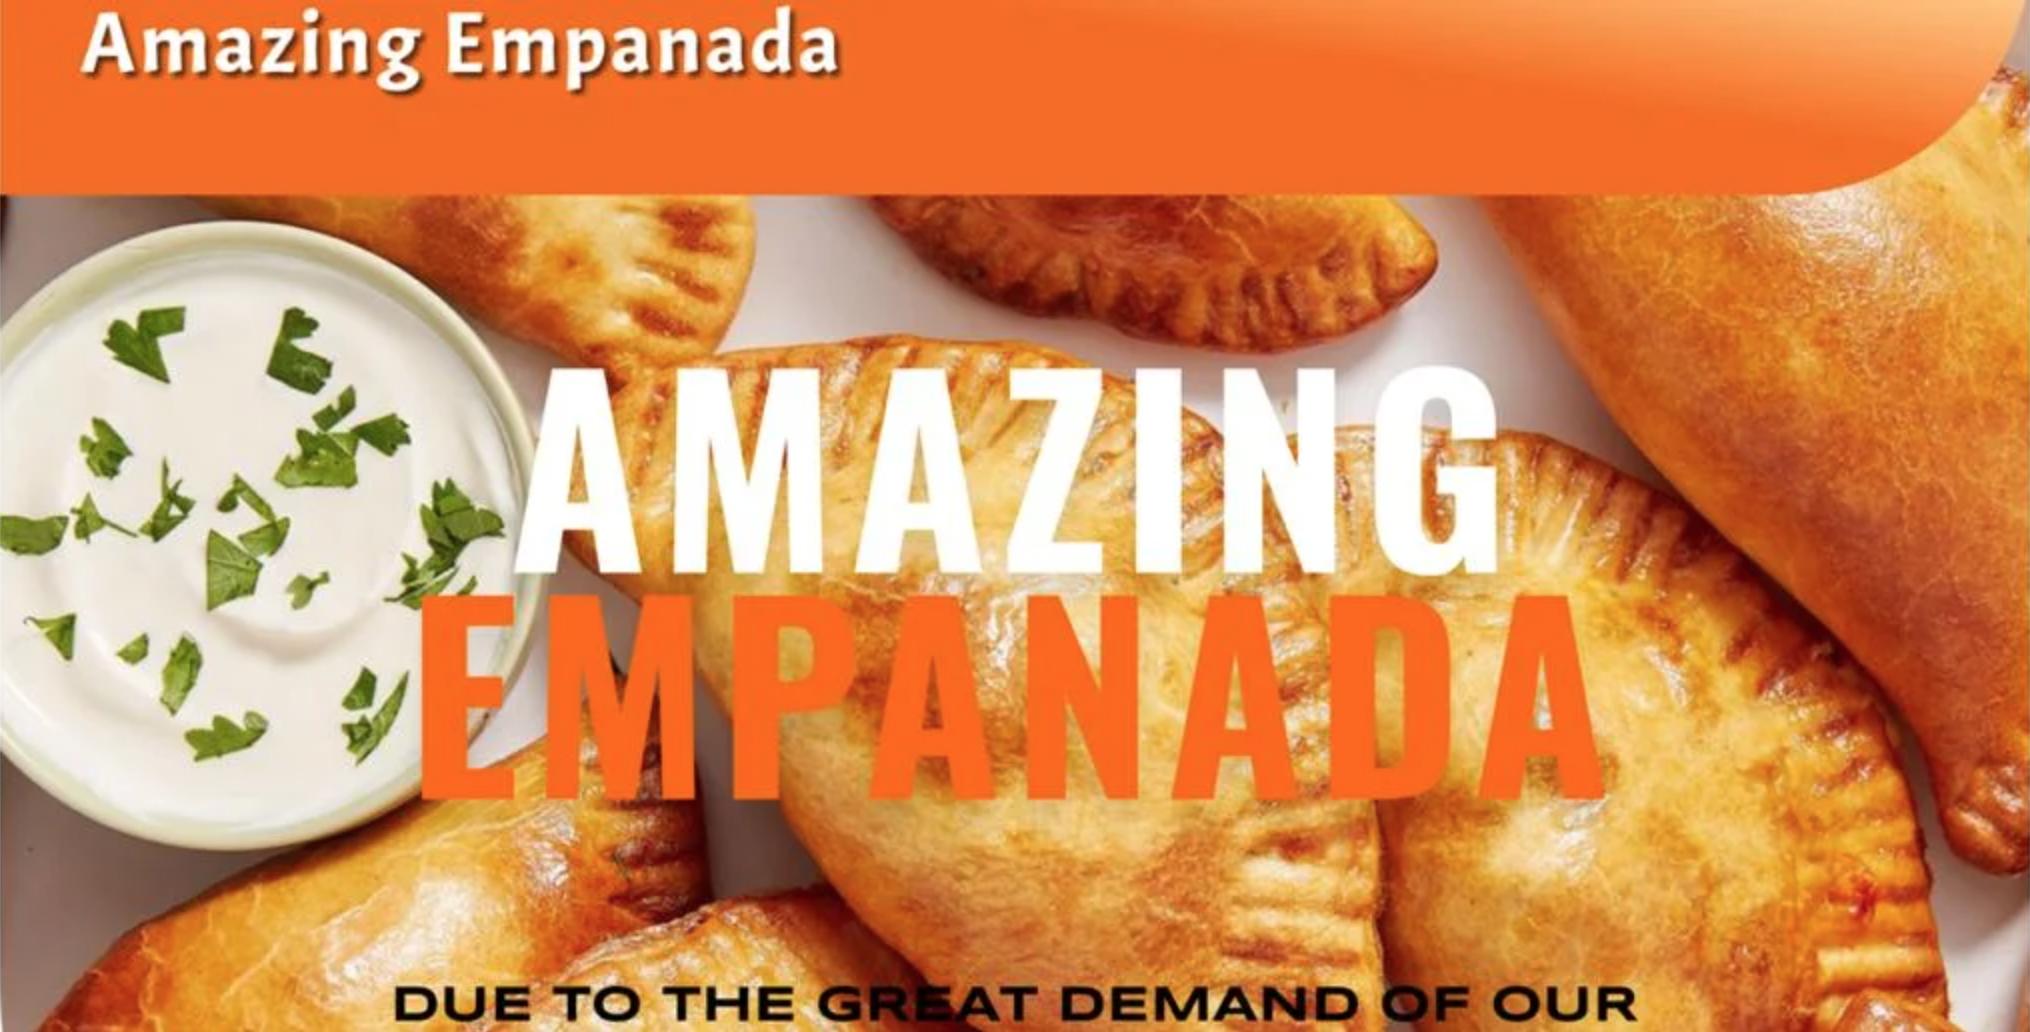 Amazing empanada